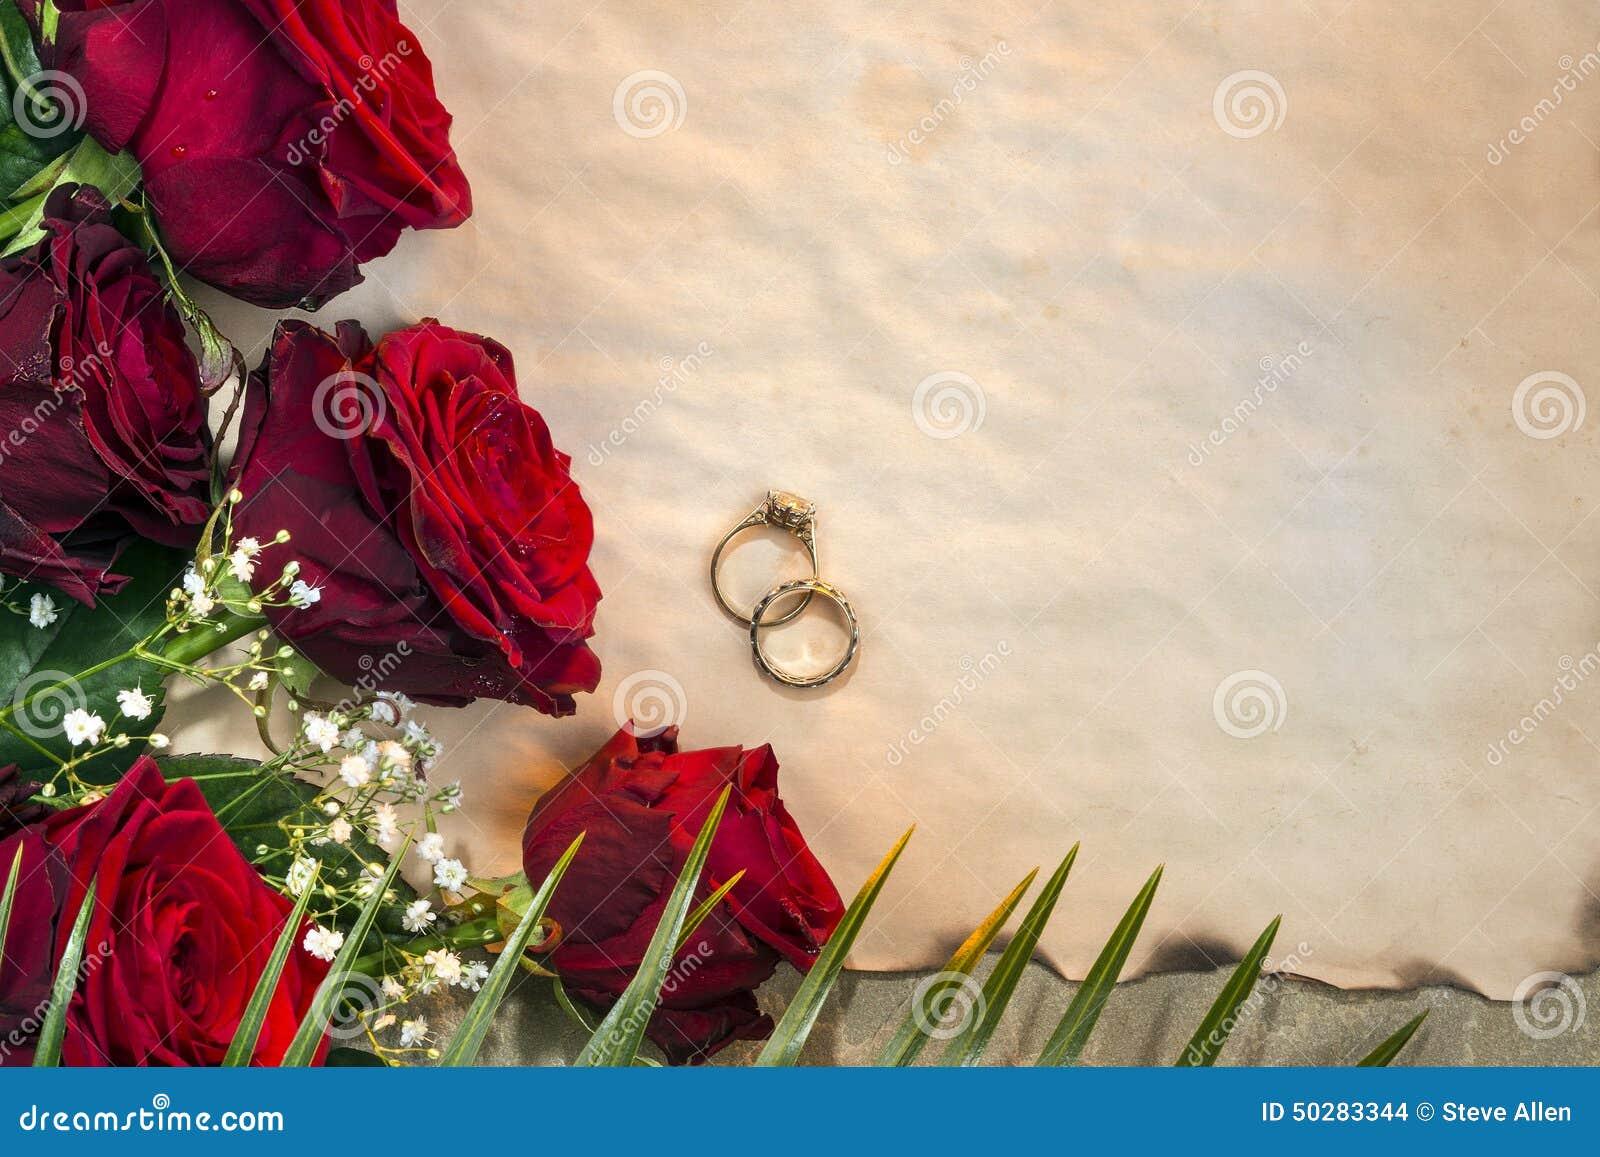 Rote Rosen sind als Symbol der Liebe häufig benutzt Hochzeitstag und ...